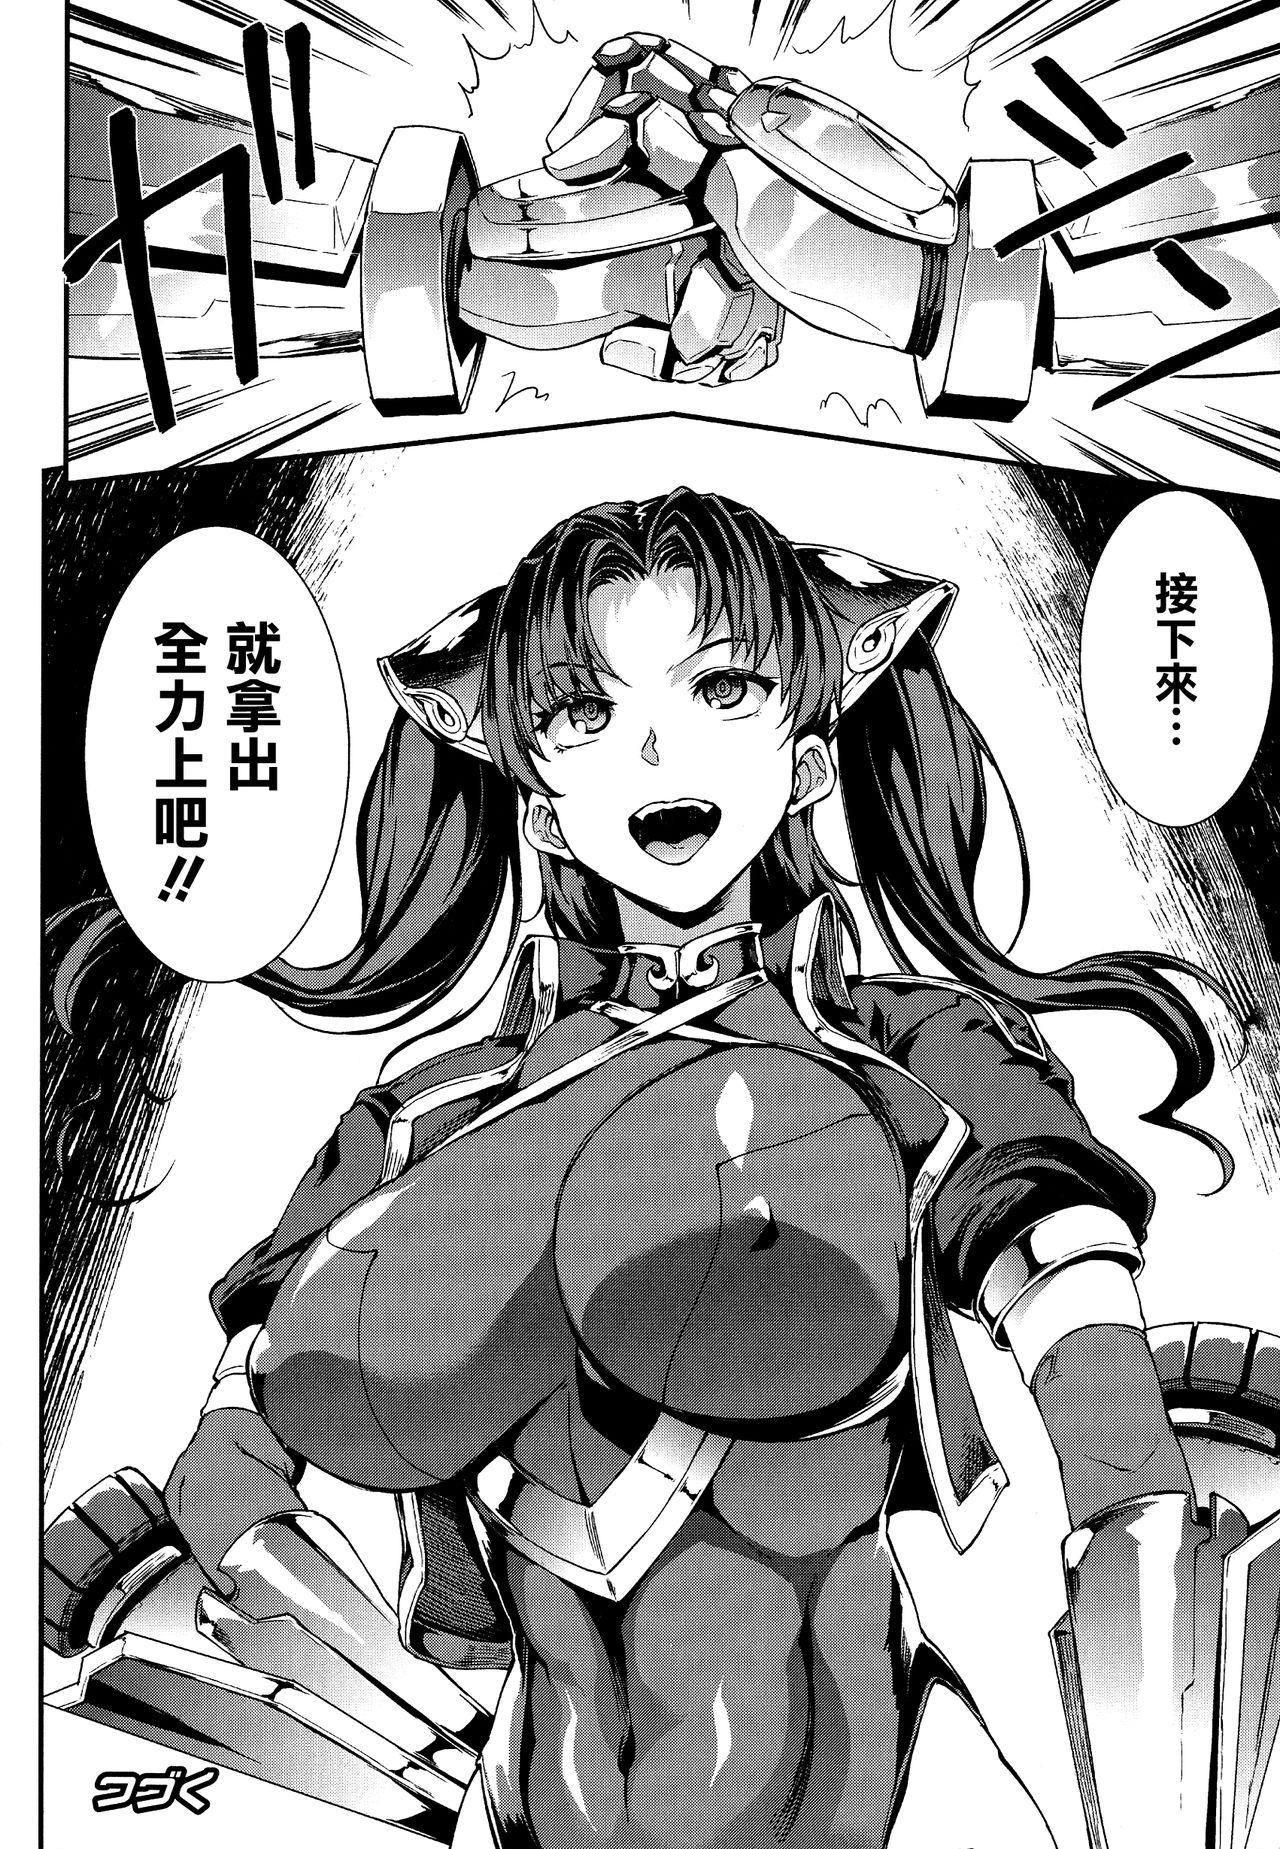 Raikou Shinki Igis Magia 110